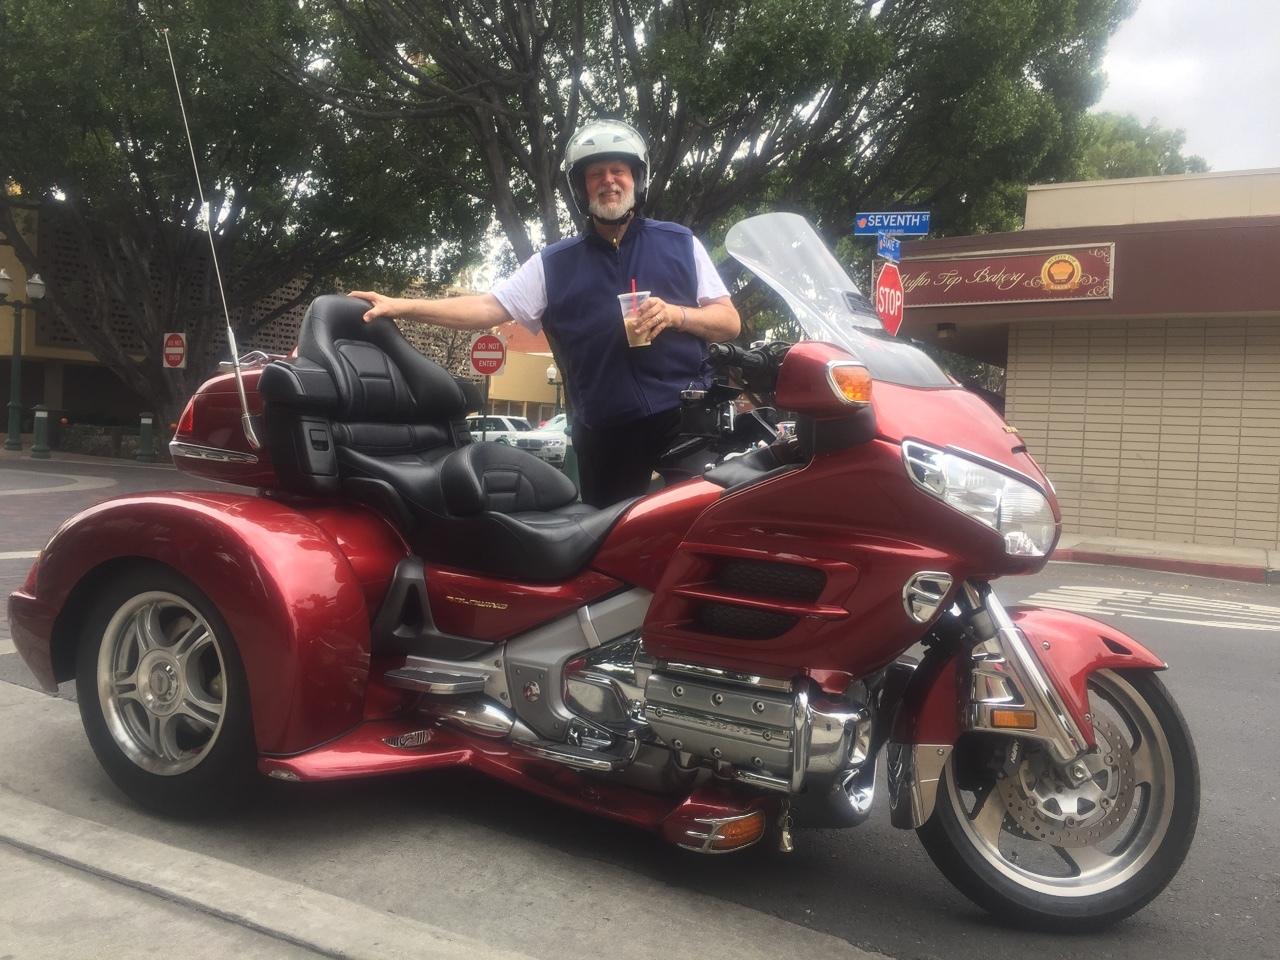 260 Honda Trike Motorcycles For Sale Cycle Trader Kawasaki Parts Ktm Echo Outdoor On Wiring Codes Virginia